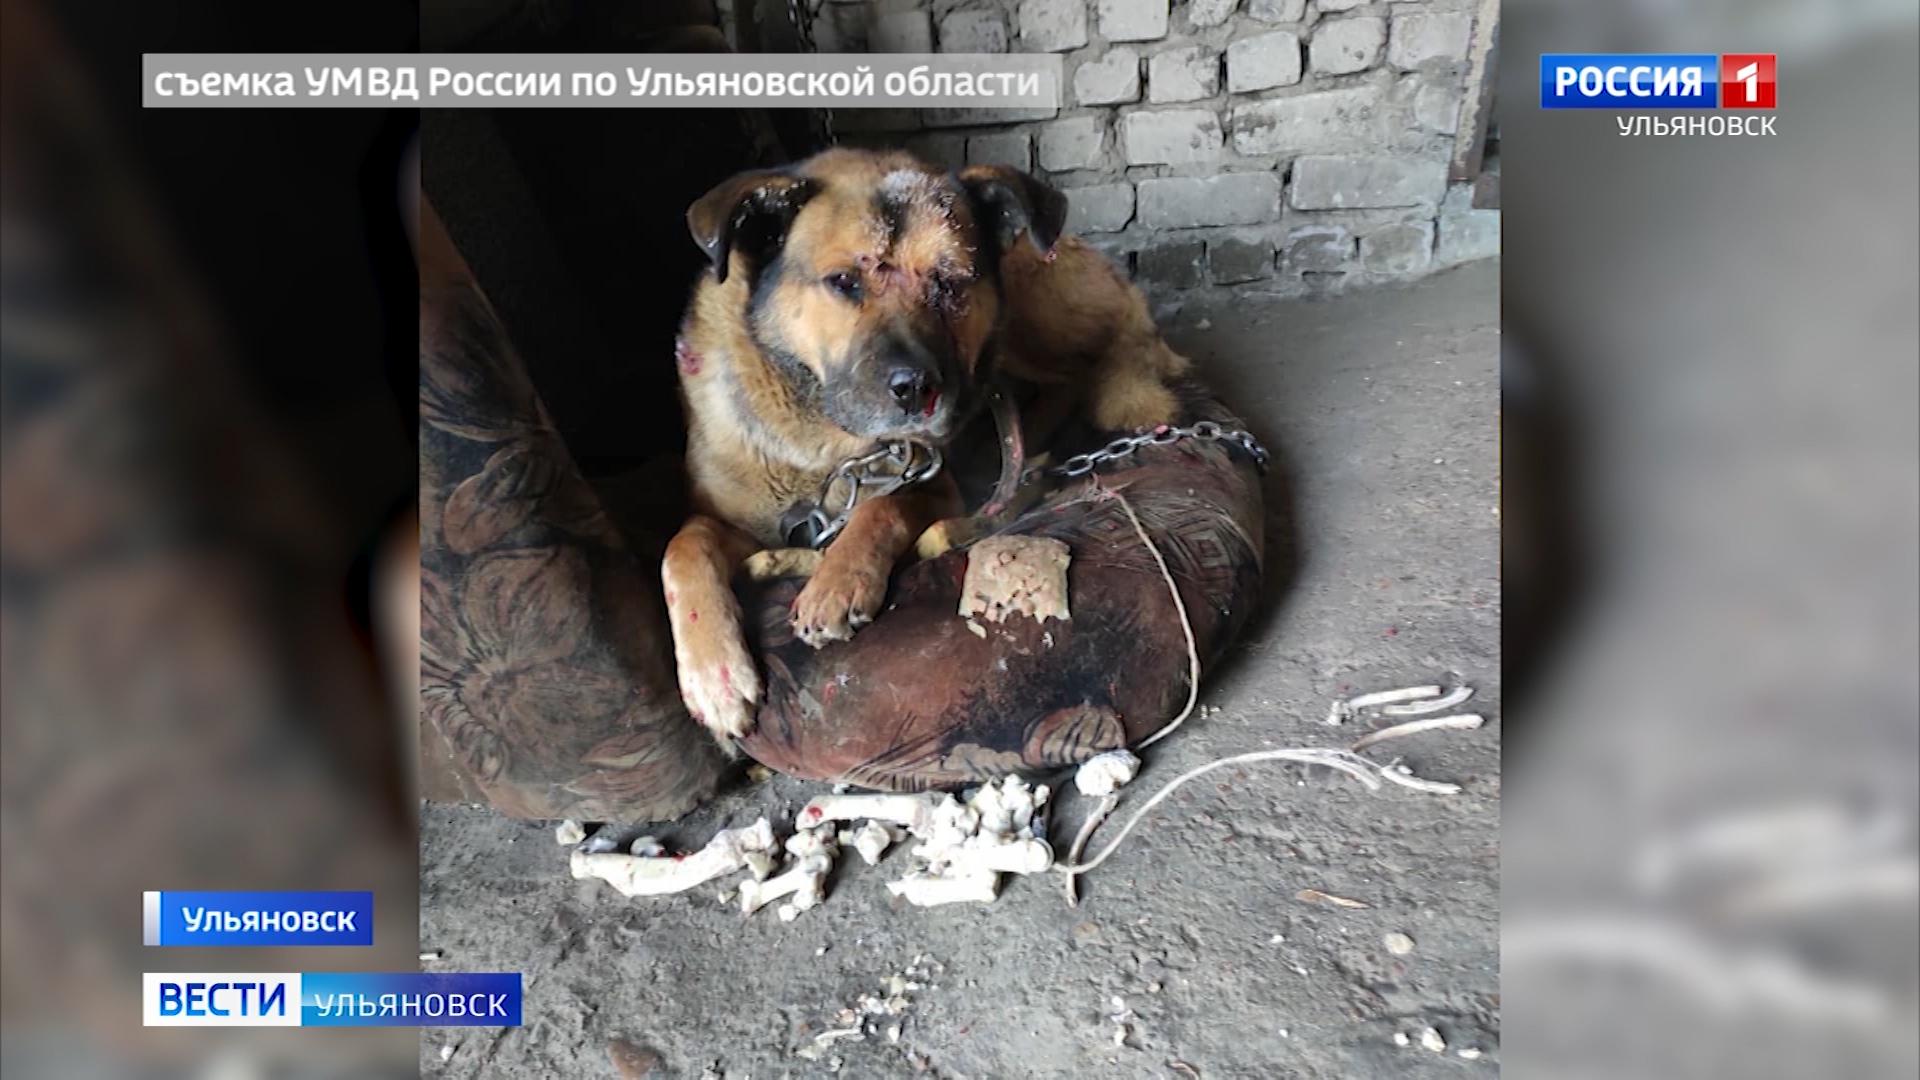 Живодеру из Самары может грозить до трех лет лишения свободы